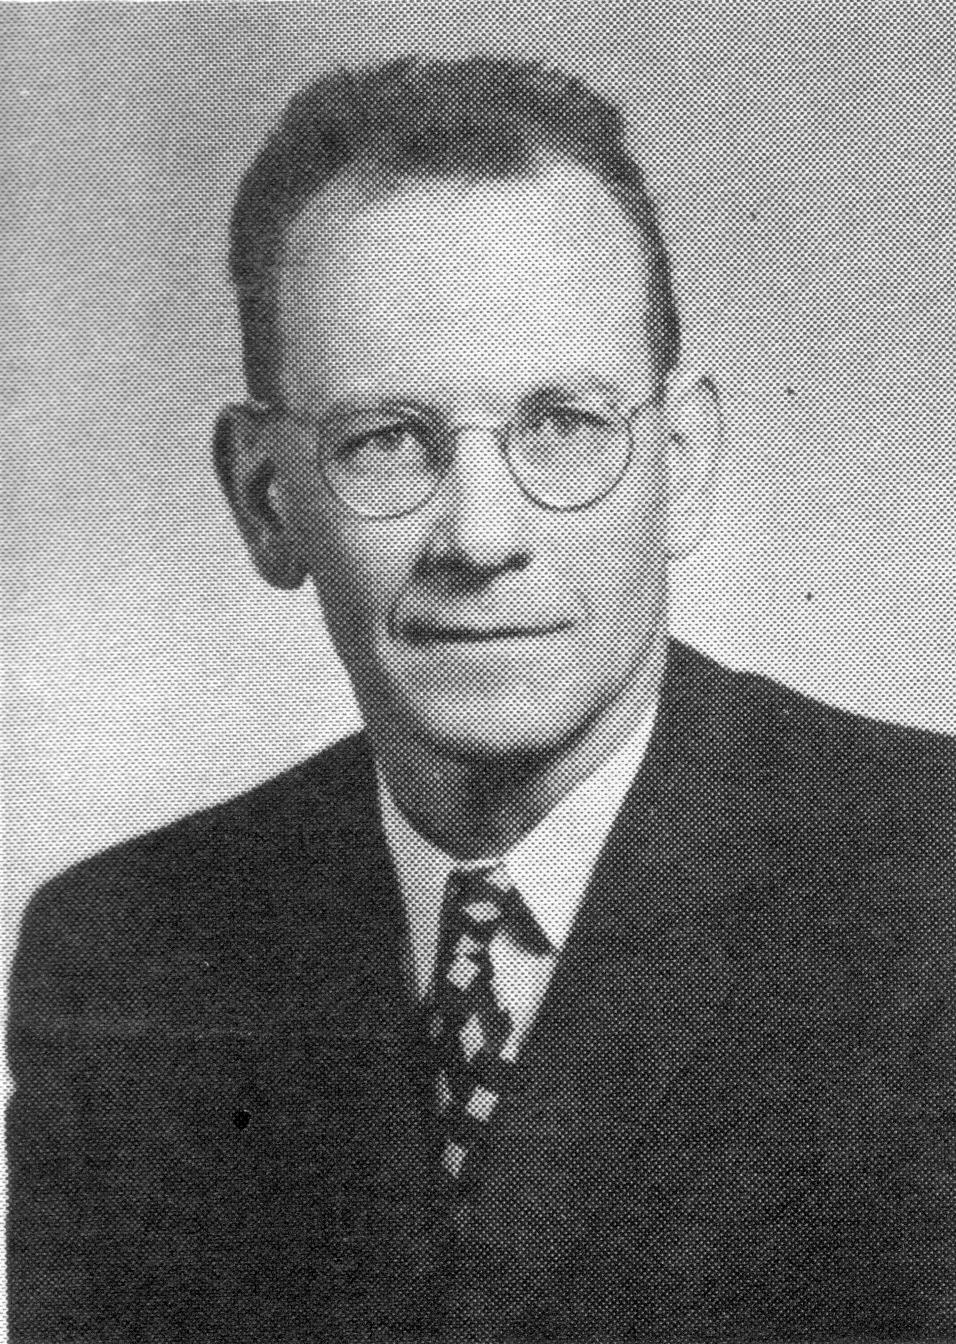 Charles H. Craig